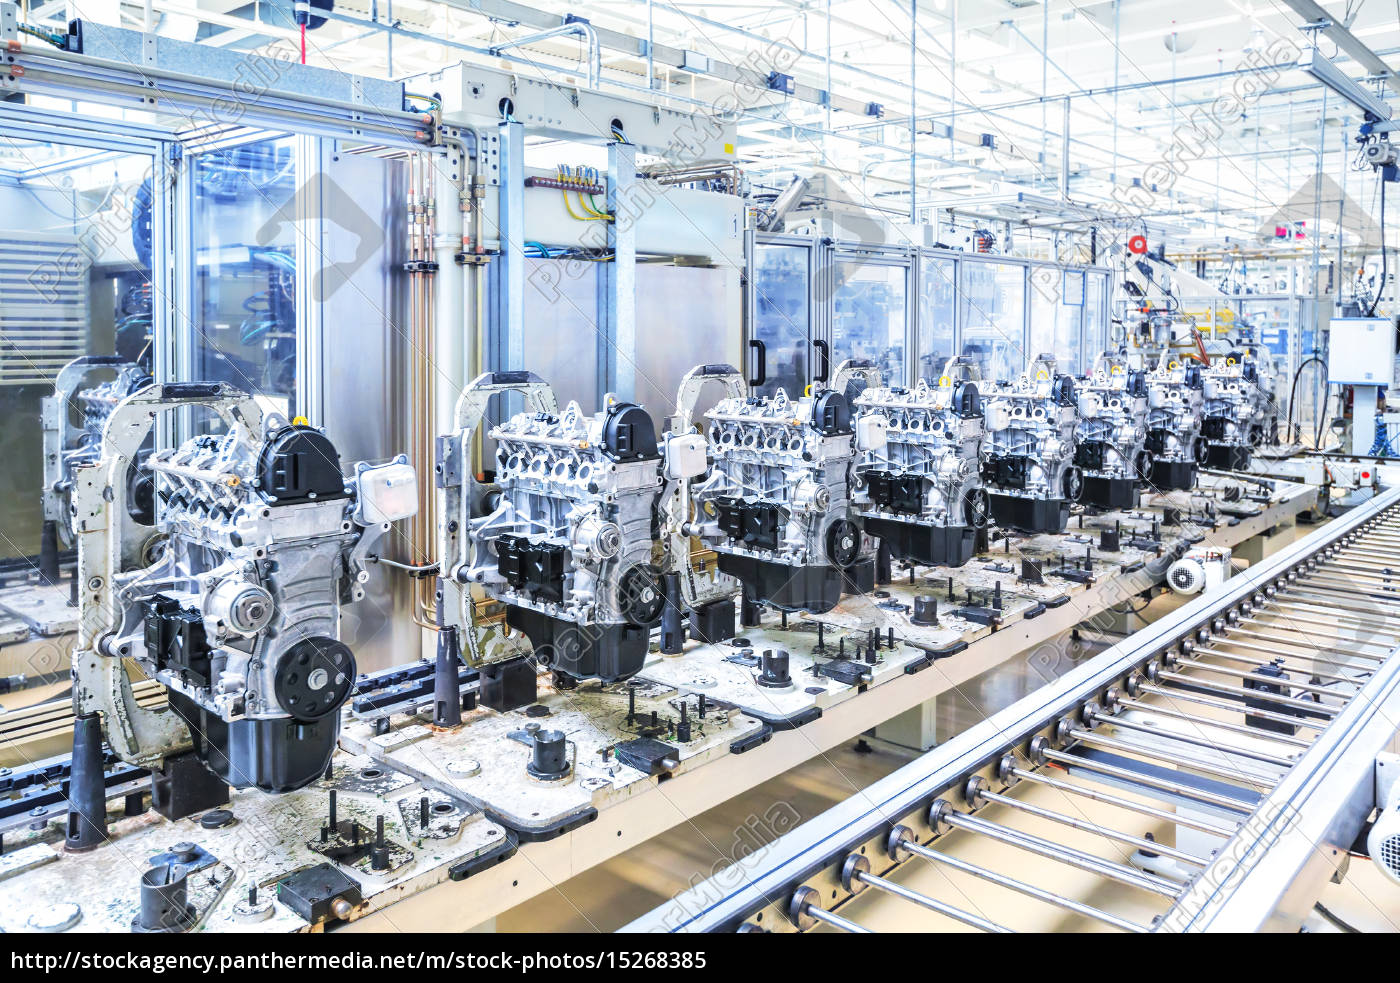 automotoren an förderstrecke - Lizenzfreies Bild - #15268385 ...